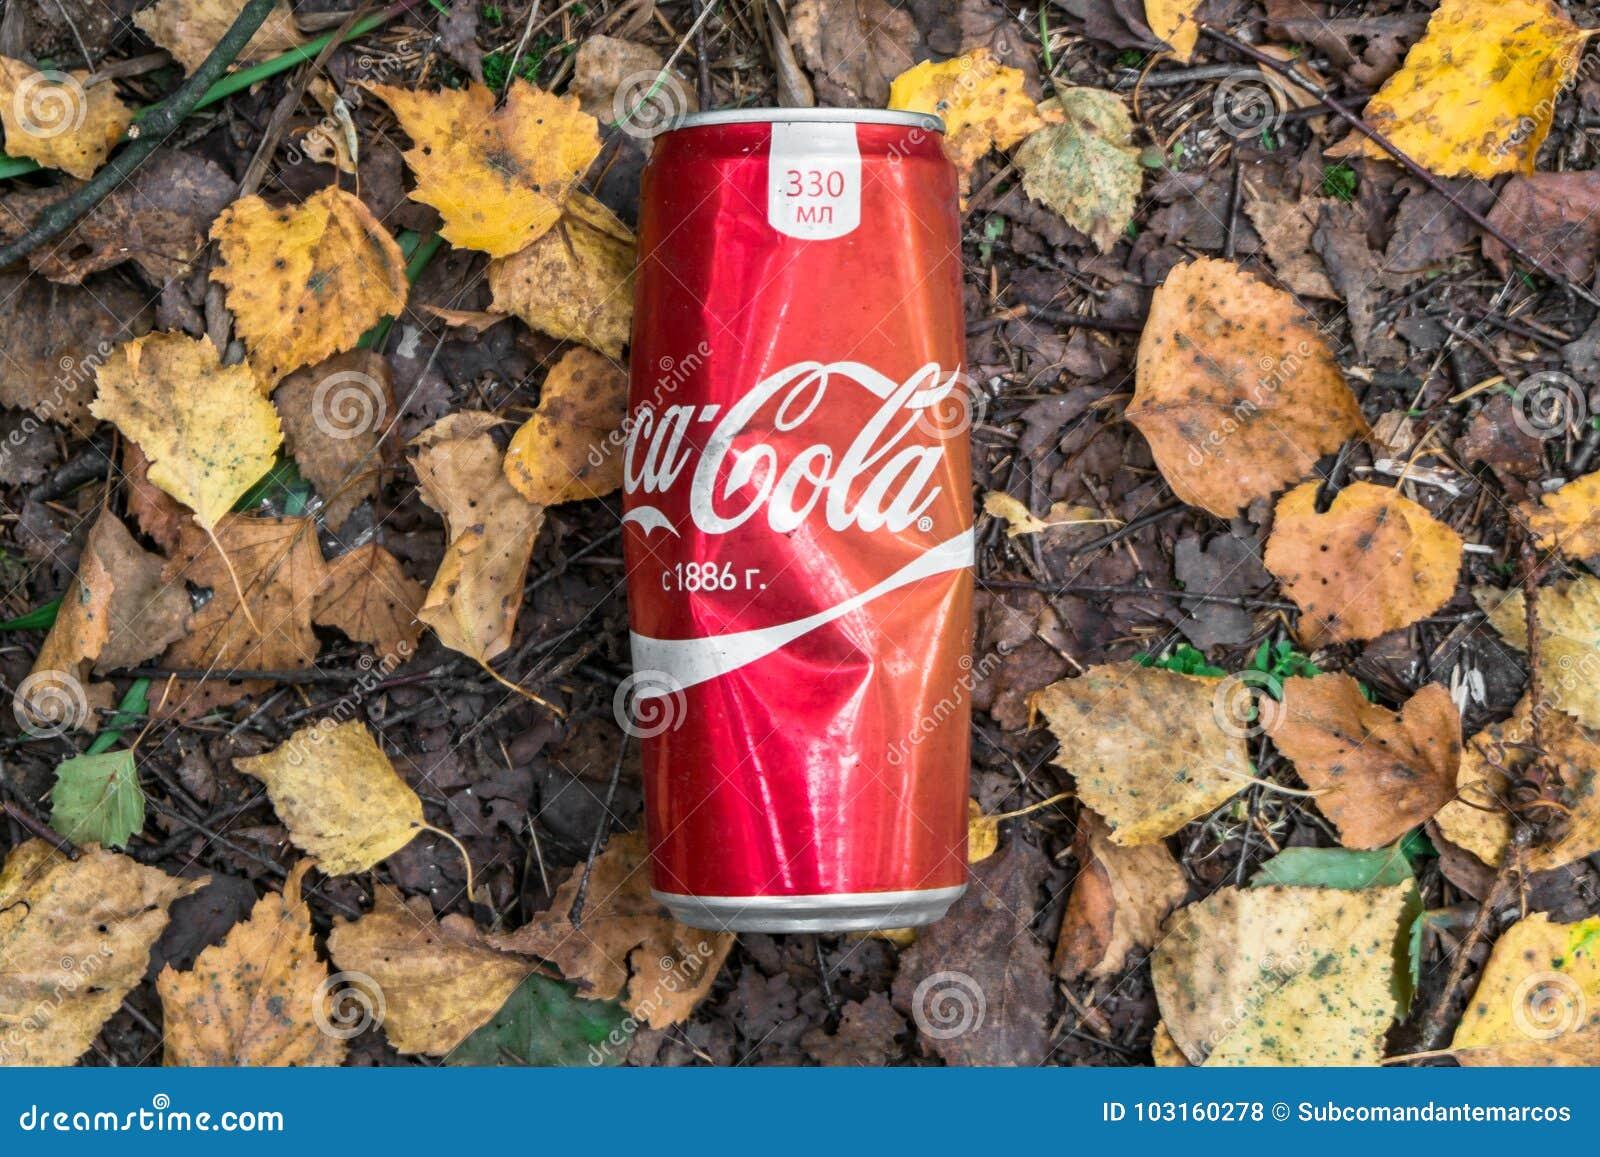 Avskrädet som lämnas efter en picknick i skogen, Moskvaförorter, Ryssland